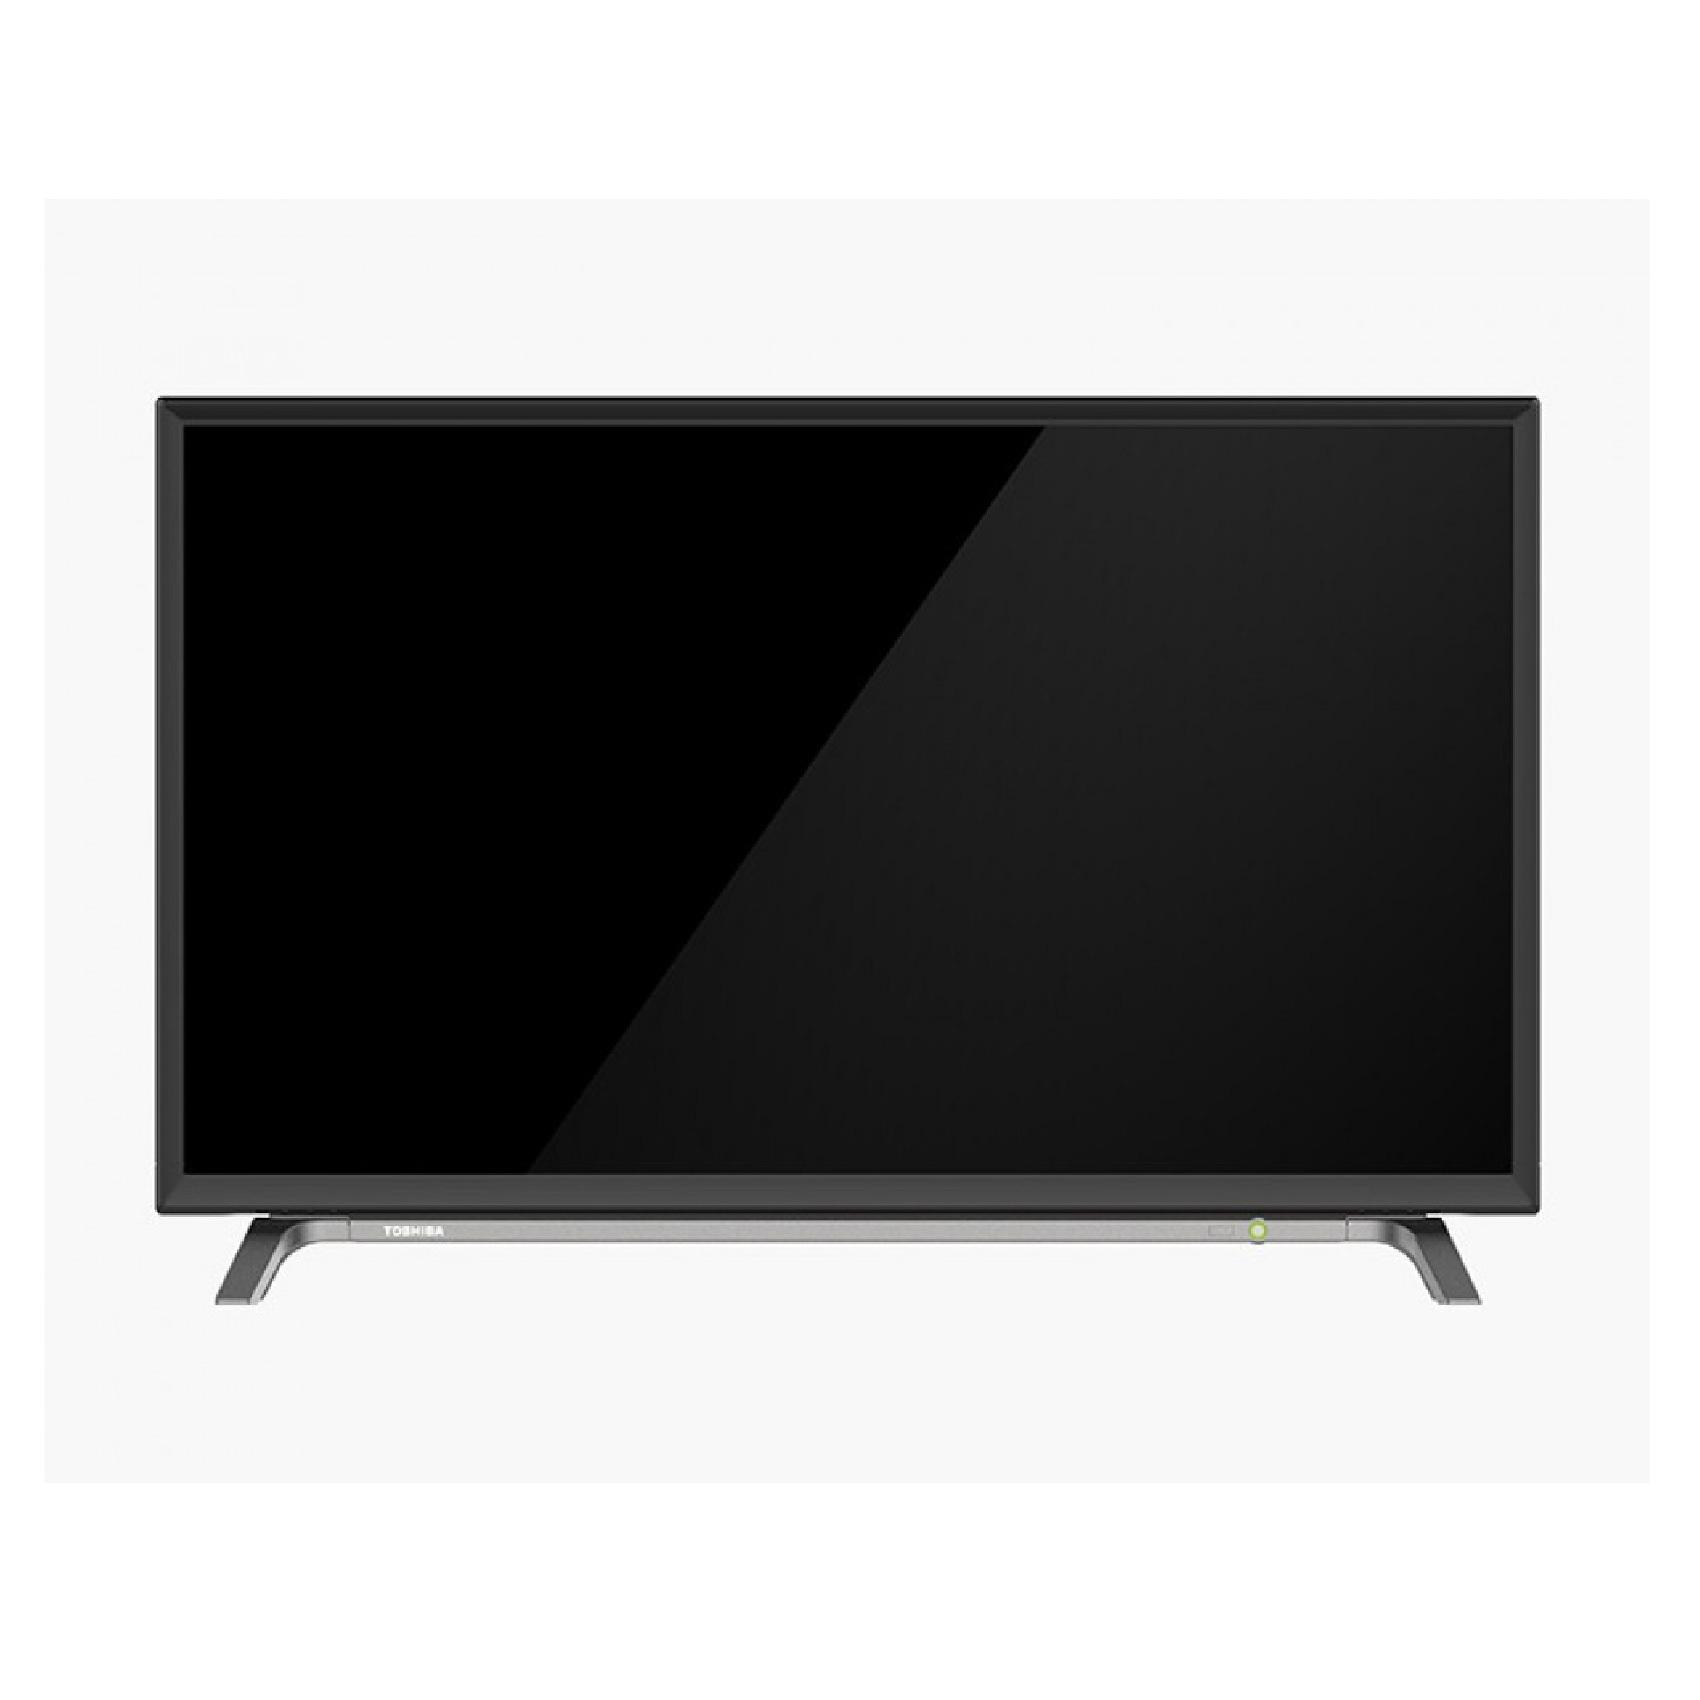 TOSHIBA LED TV 32 L2700